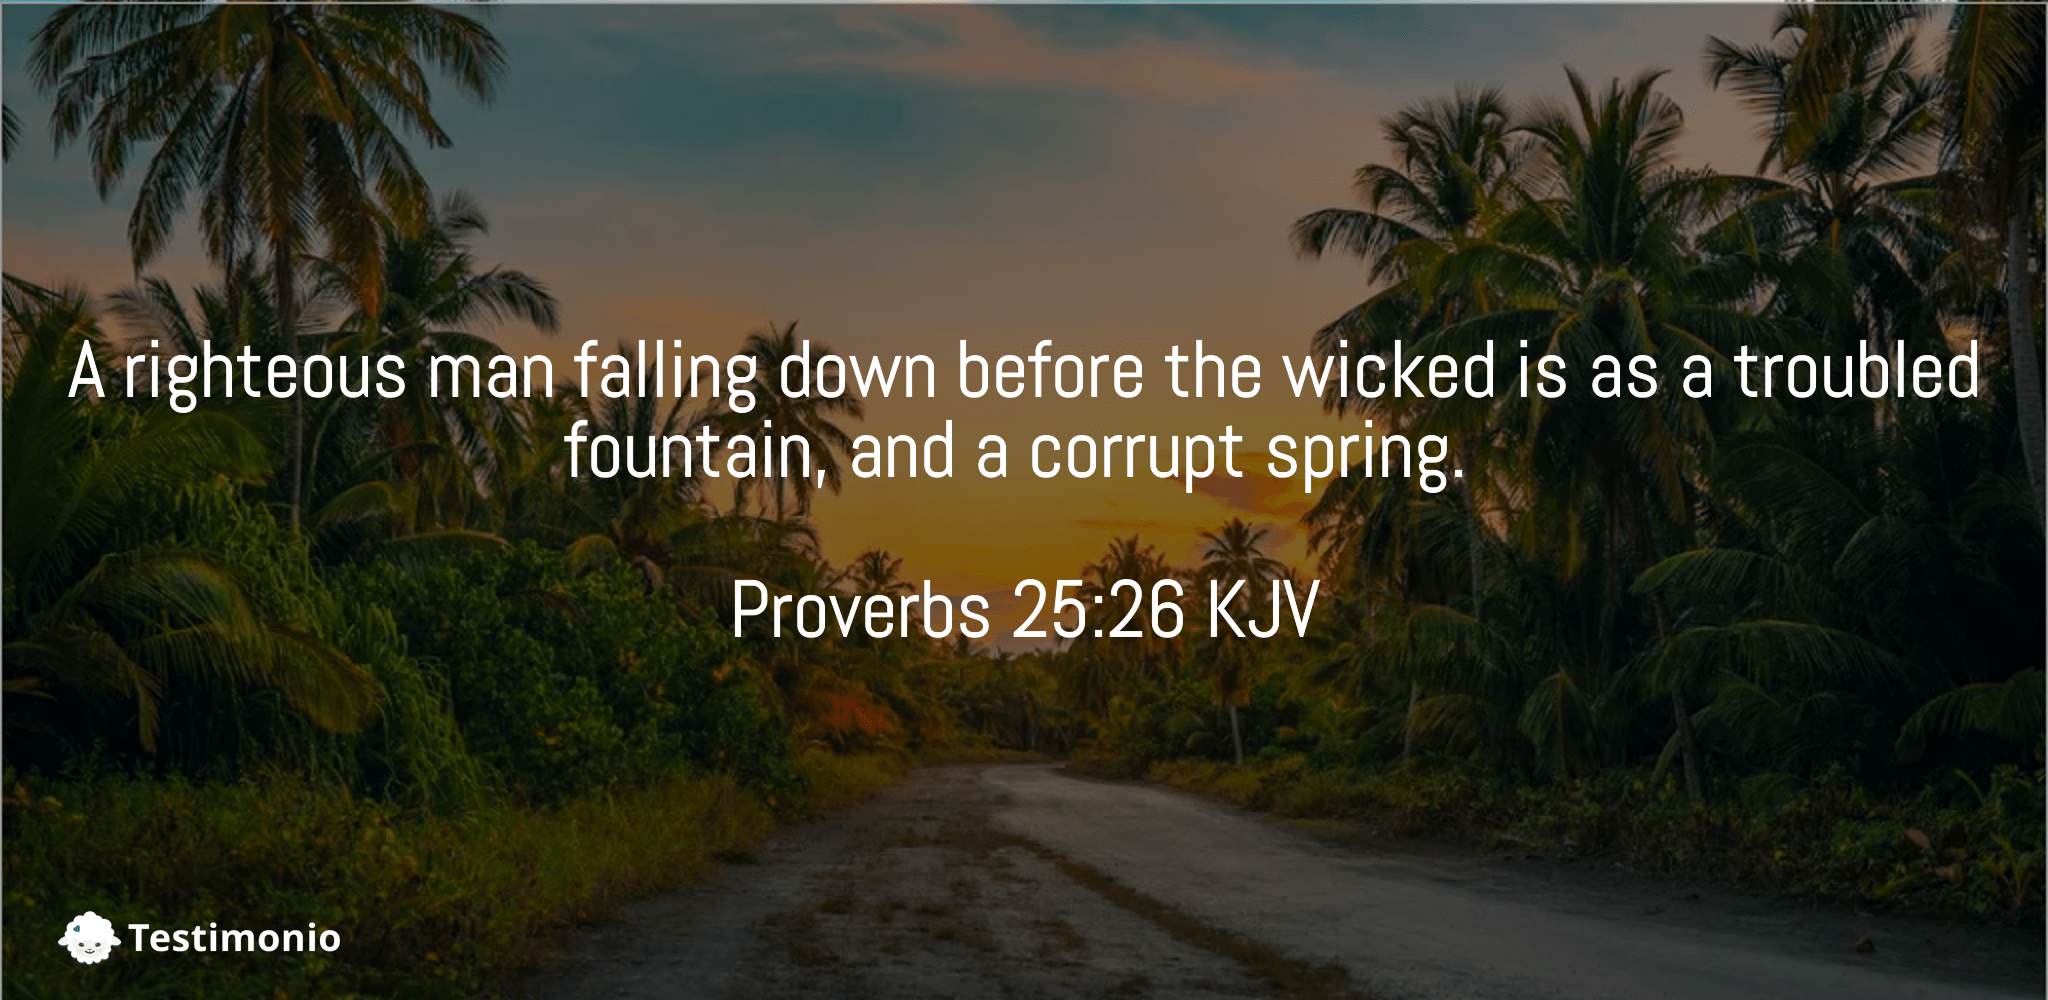 Proverbs 25:26